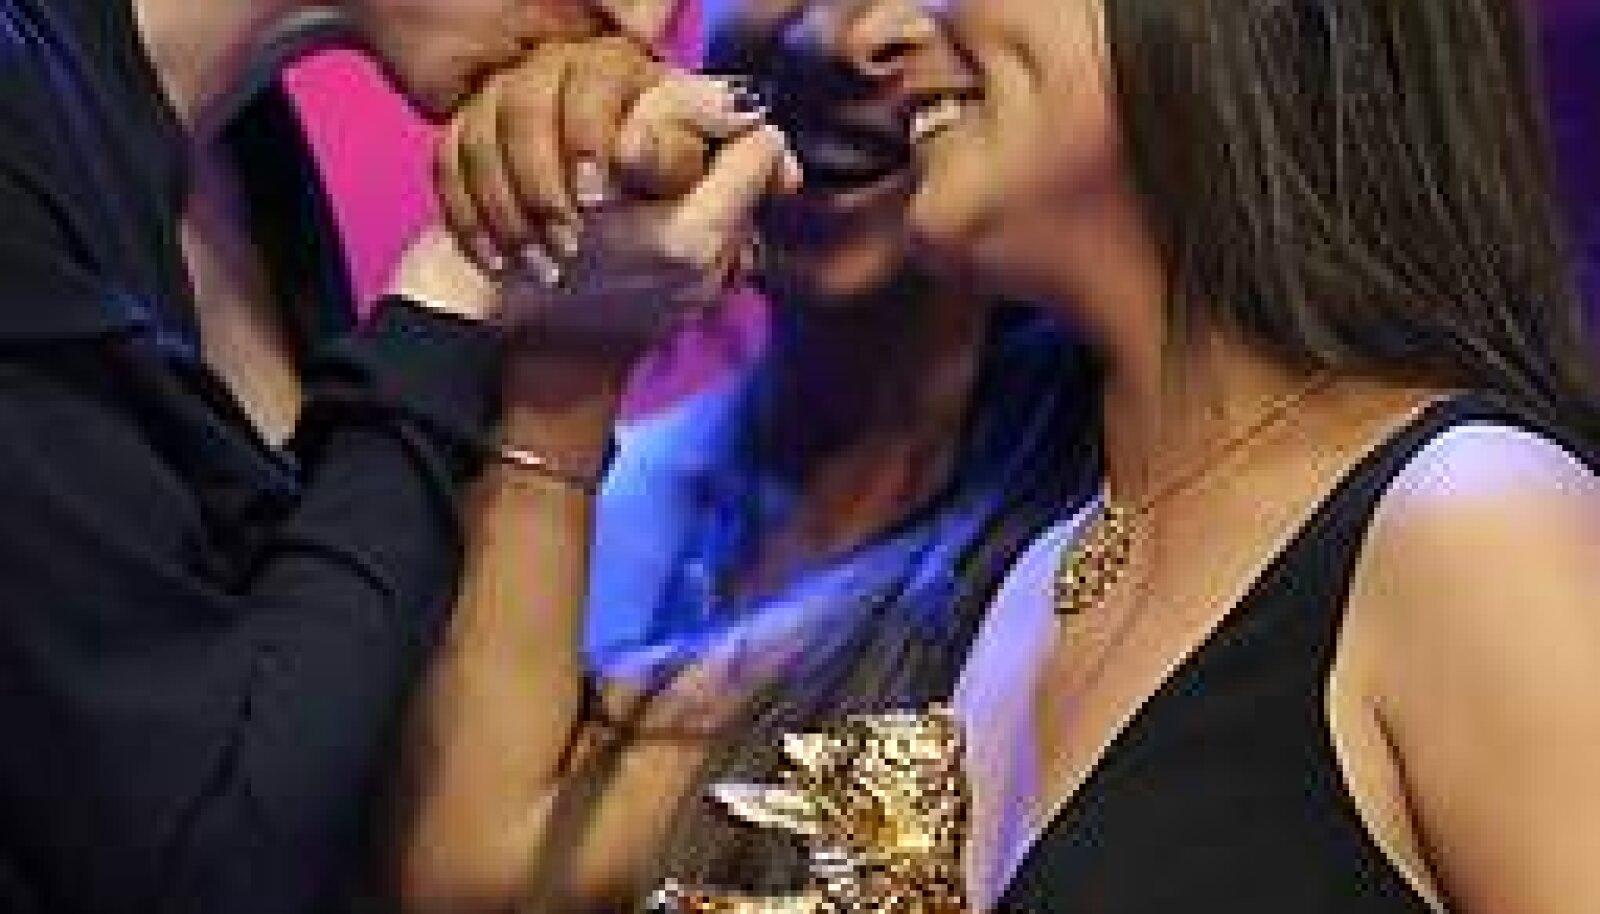 """Tänulikud mõlemad: žürii esinaine Tilda Swinton suudleb Kuldkaru saanud """"Kurbuse piima"""" peaosatäitja, Magaly Solieri kätt. Solier, kes esitab auhinnatud filmis ka mitmeid omaloodud laule, üllatas lõputseremoonia publikut spontaanse emotsionaalse soologa. Afp"""